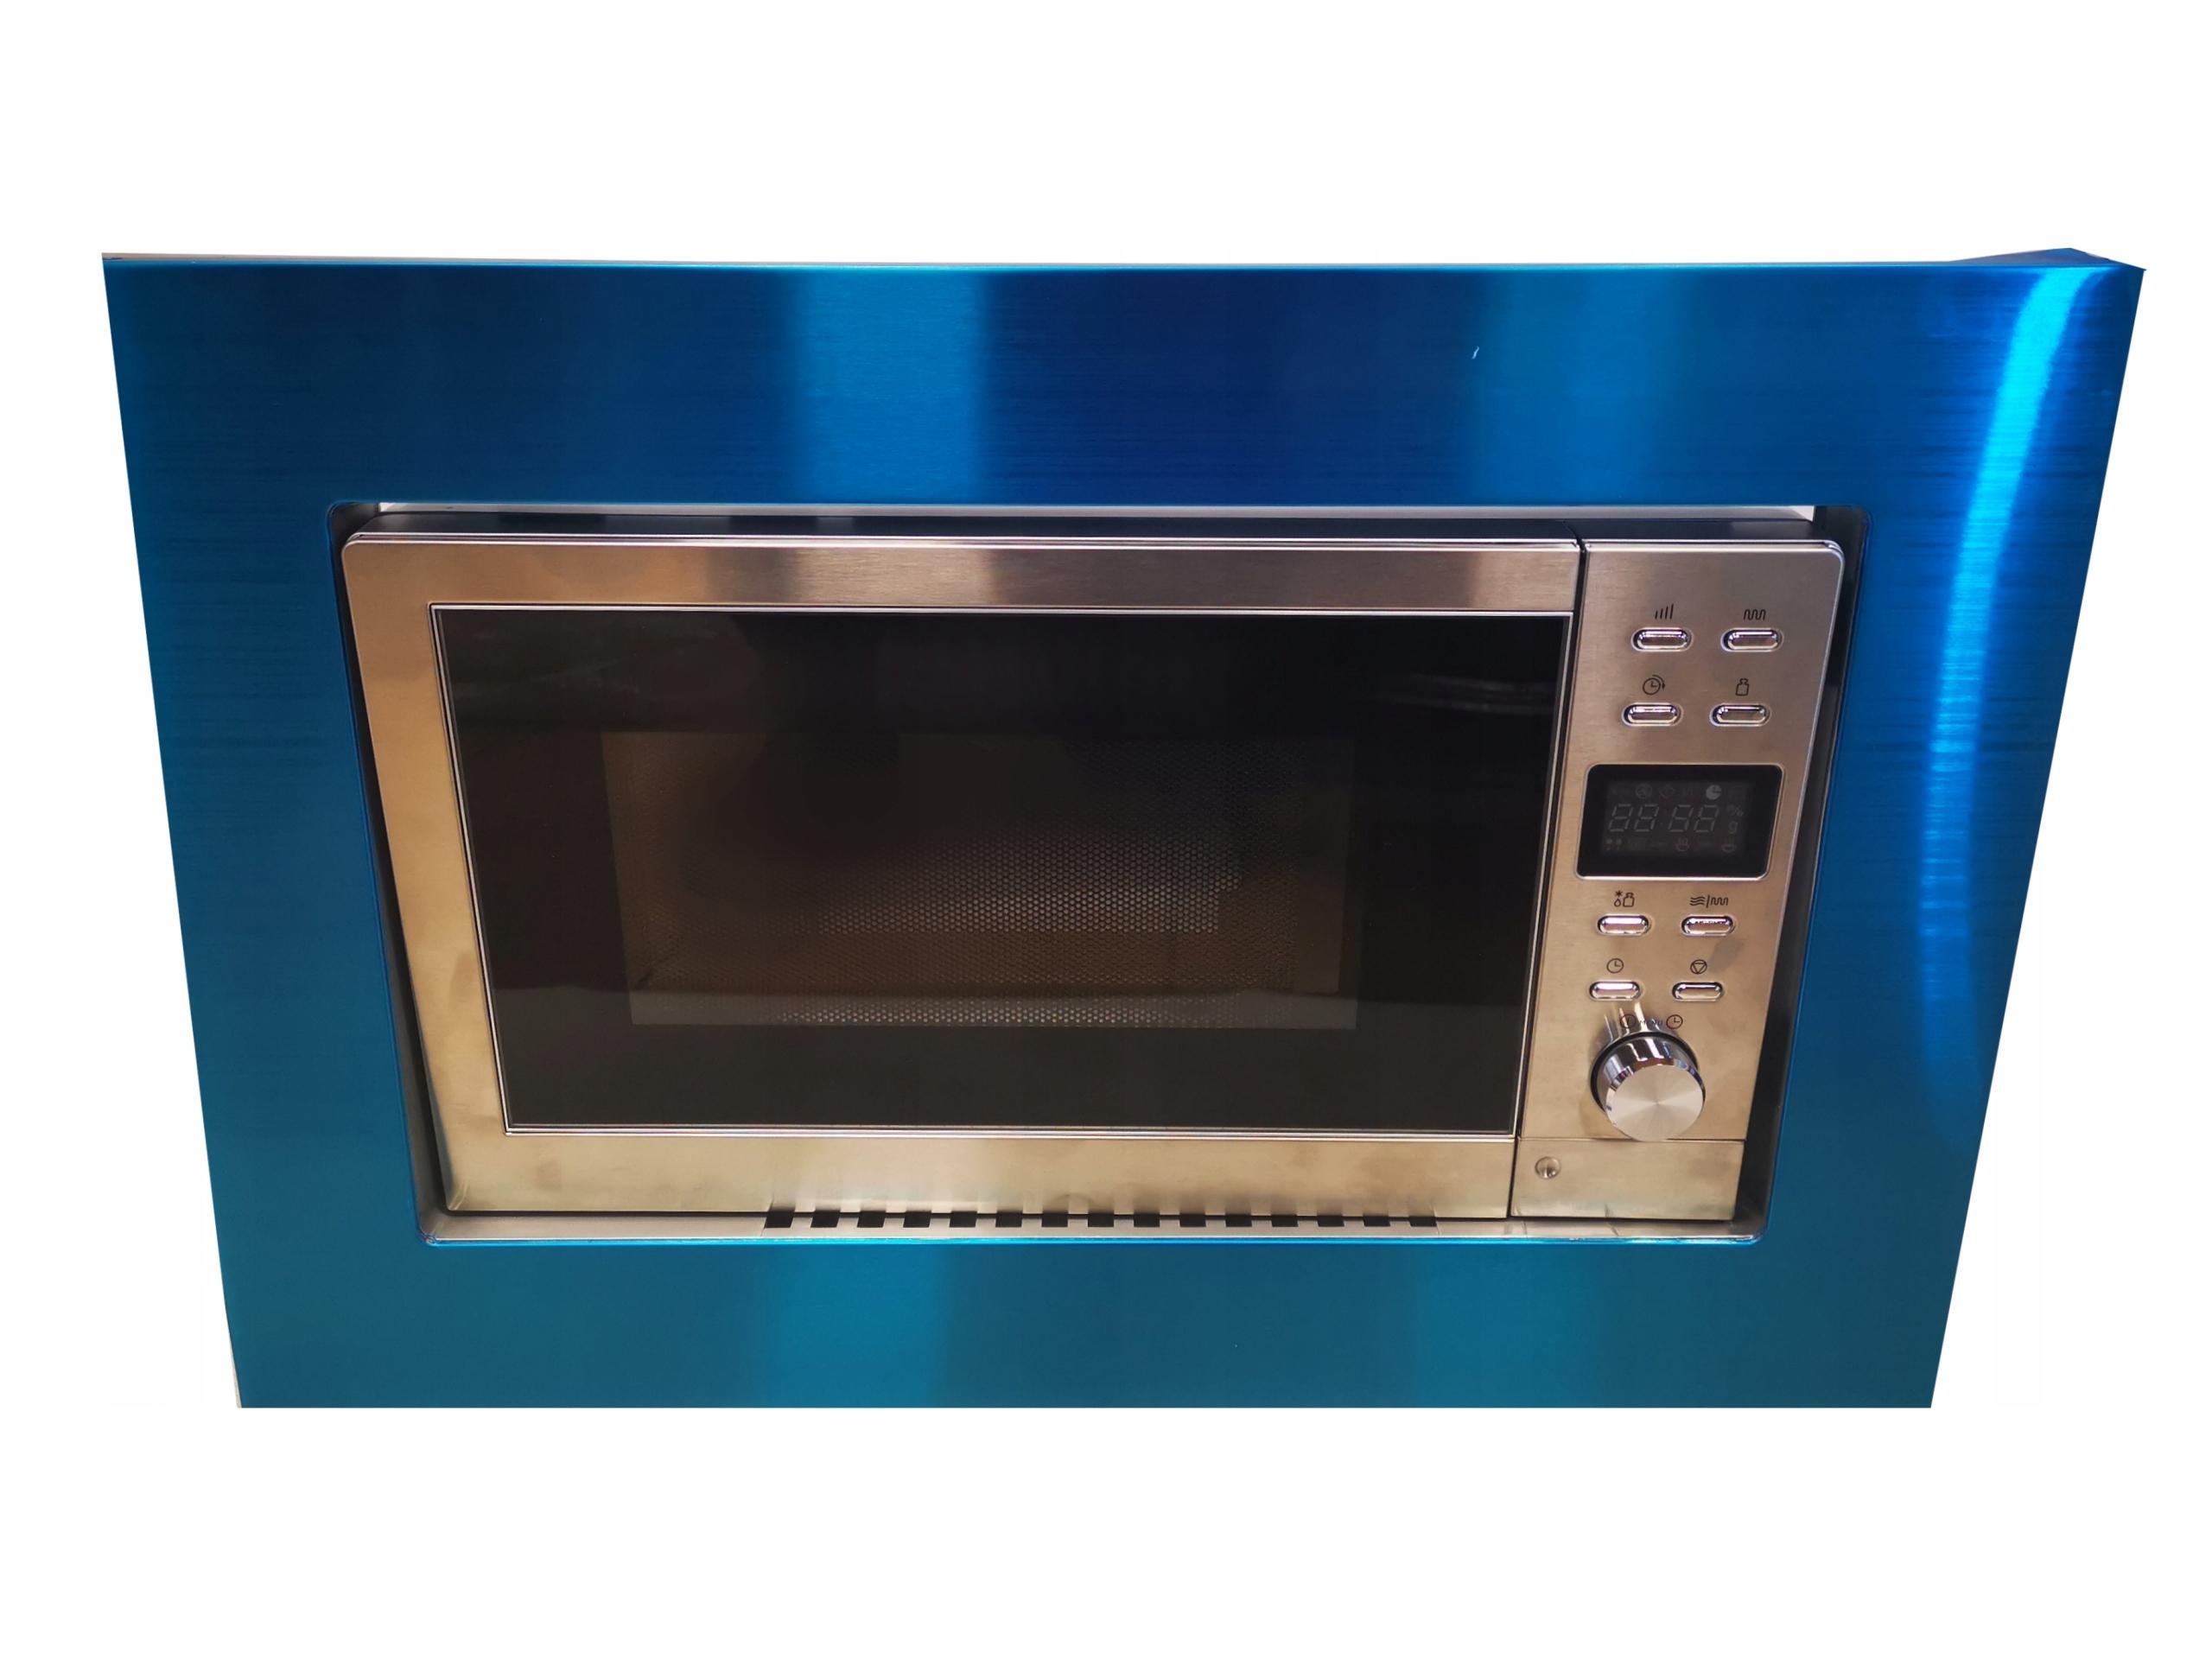 Встраиваемая микроволновая печь Amica EMW13185E